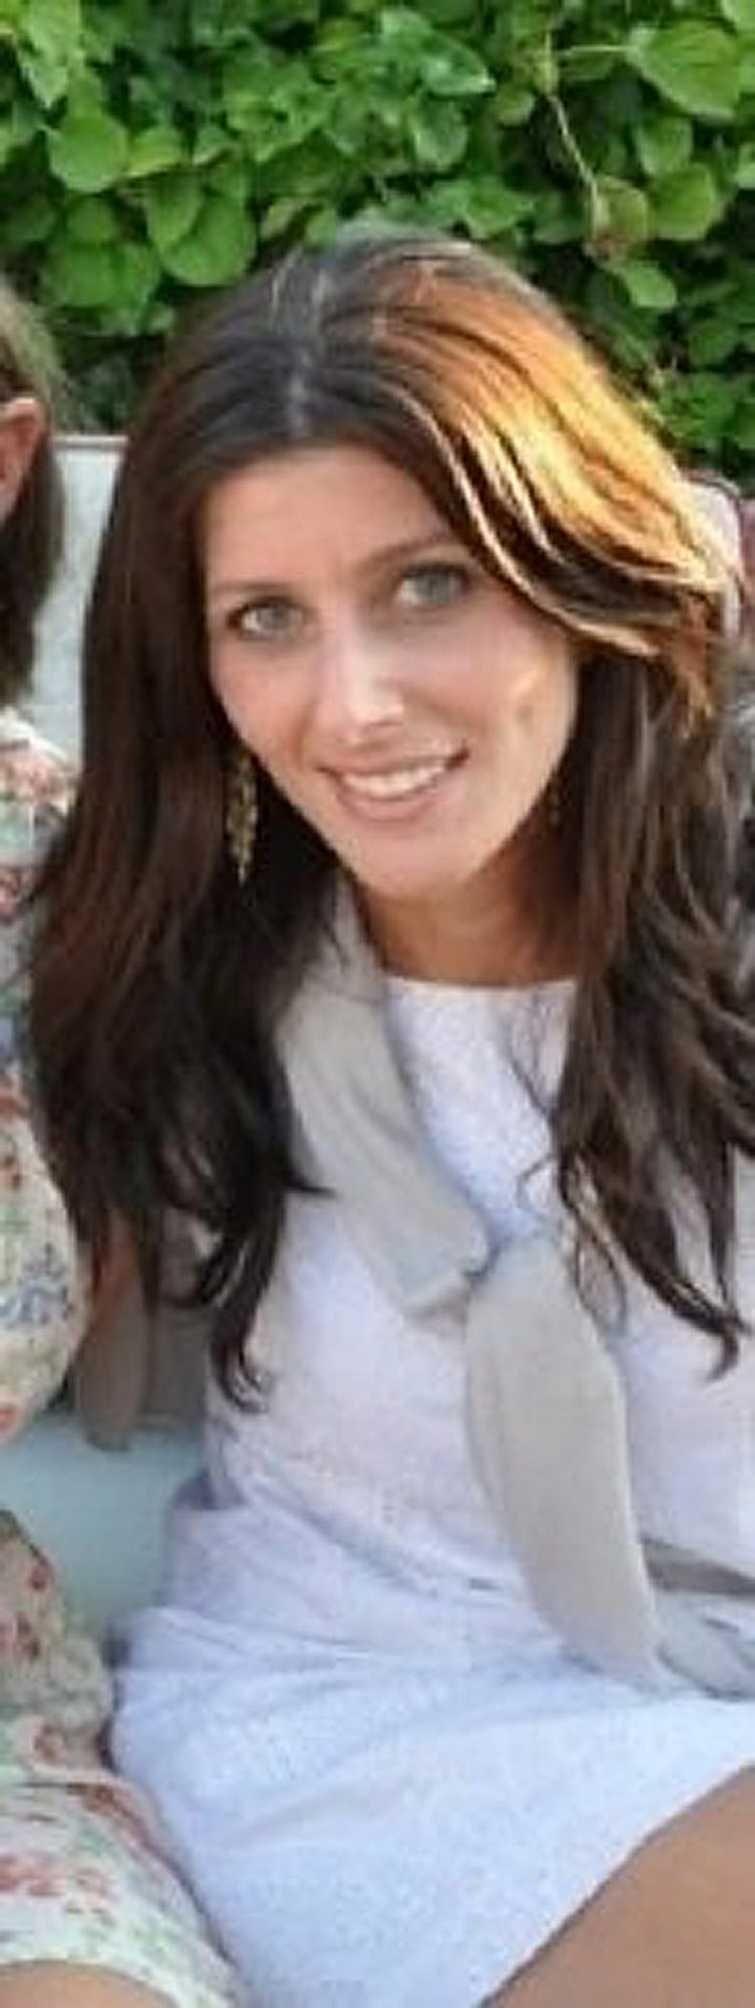 Jennifer Rosoff, 35, seen in an undated photo,